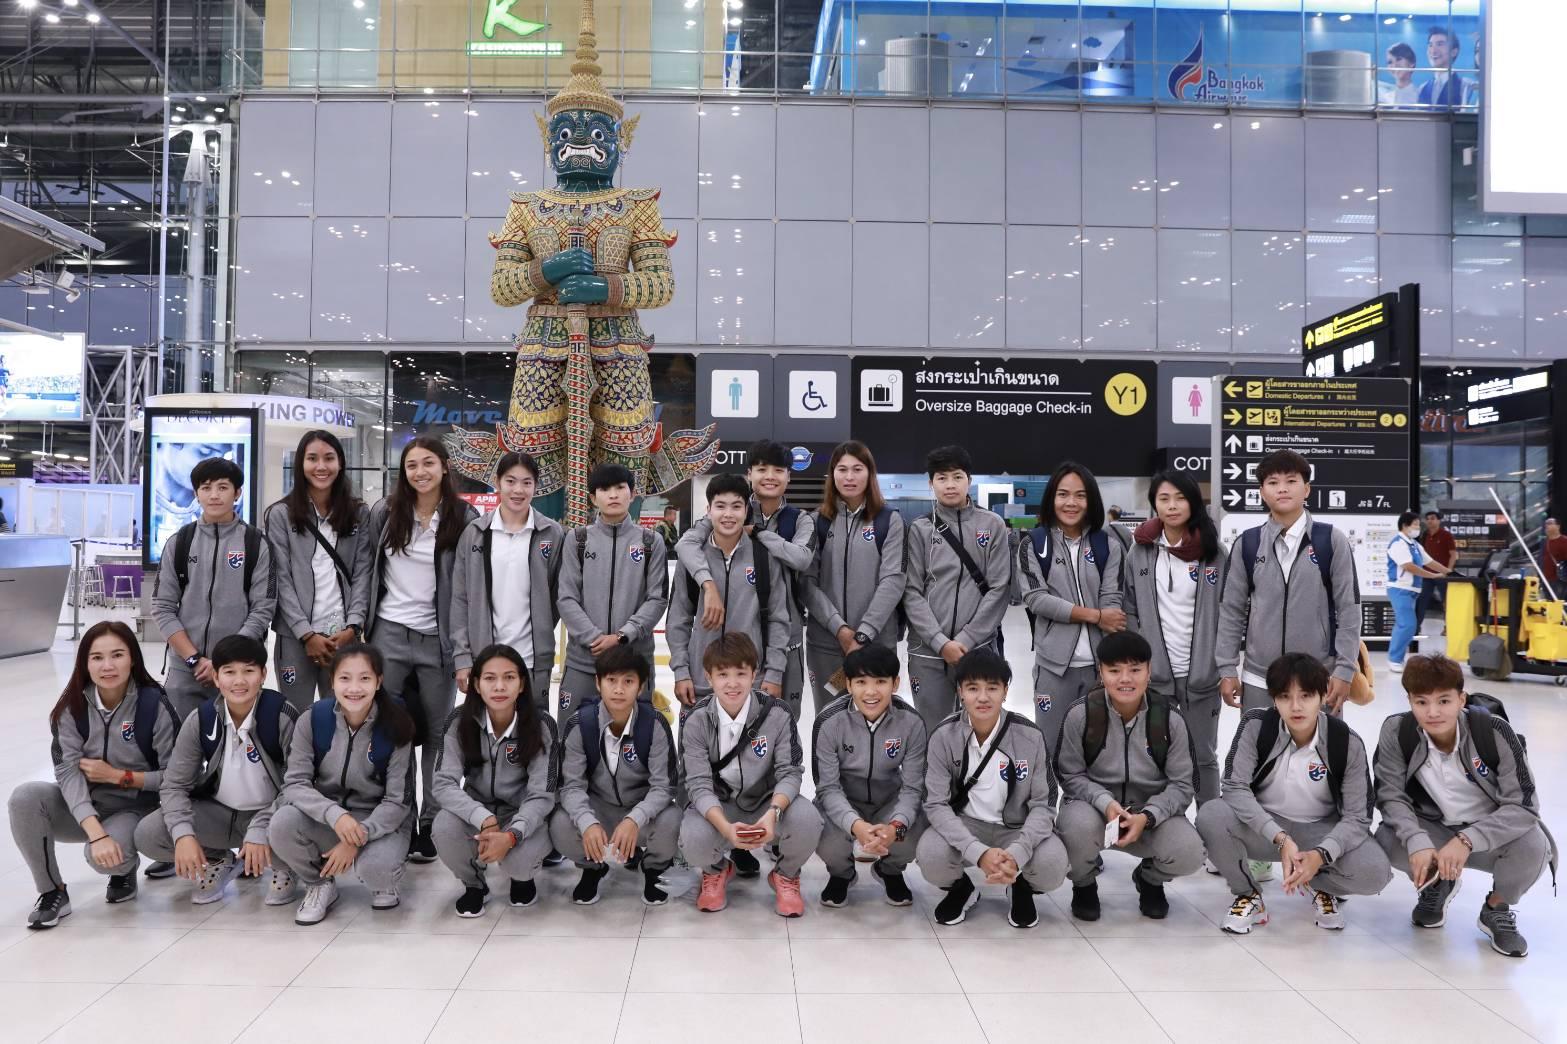 ซีเกมส์2019 ทีมฟุตบอลหญิงทีมชาติไทย